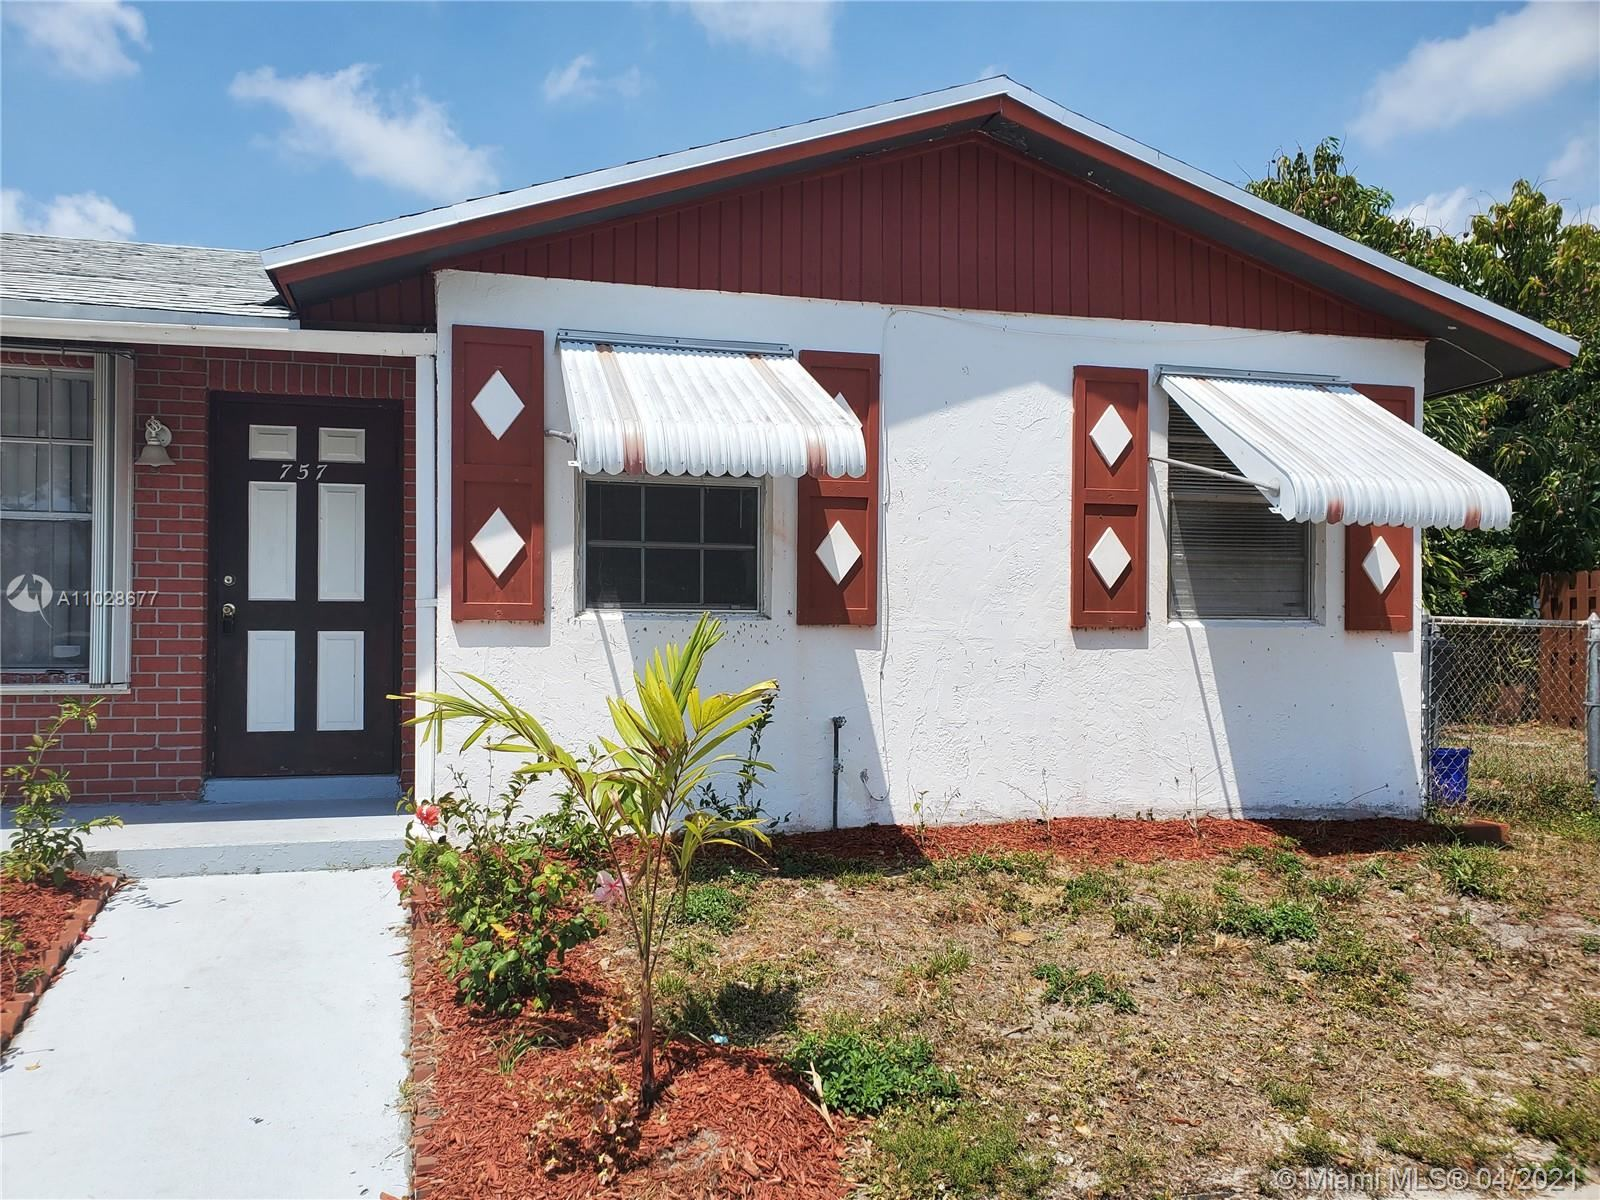 Photo of 757 W Ilene Rd W #1, West Palm Beach, FL 33415 (MLS # A11028677)